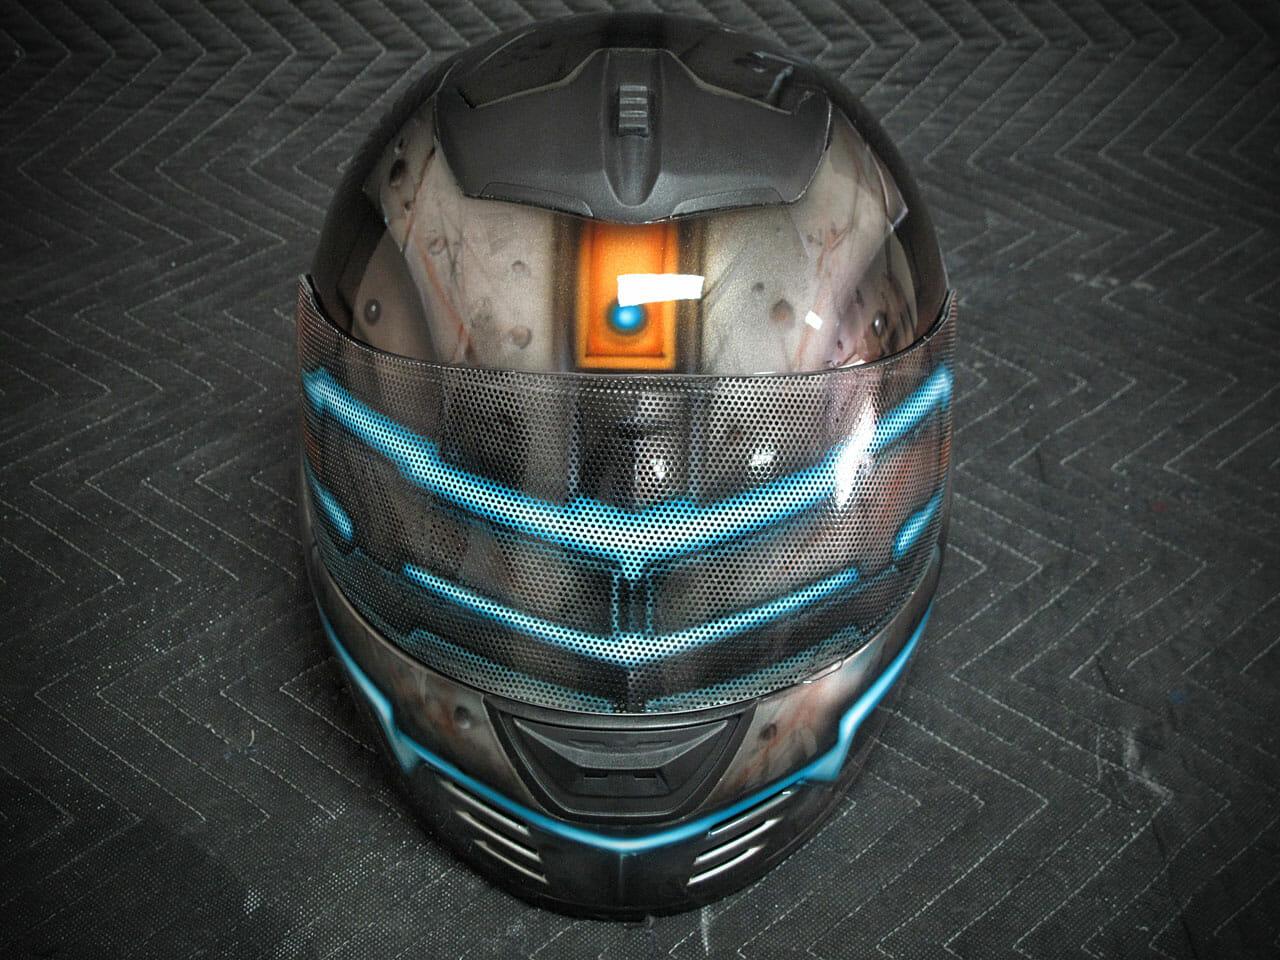 dead_space_motorcycle_helmet_top